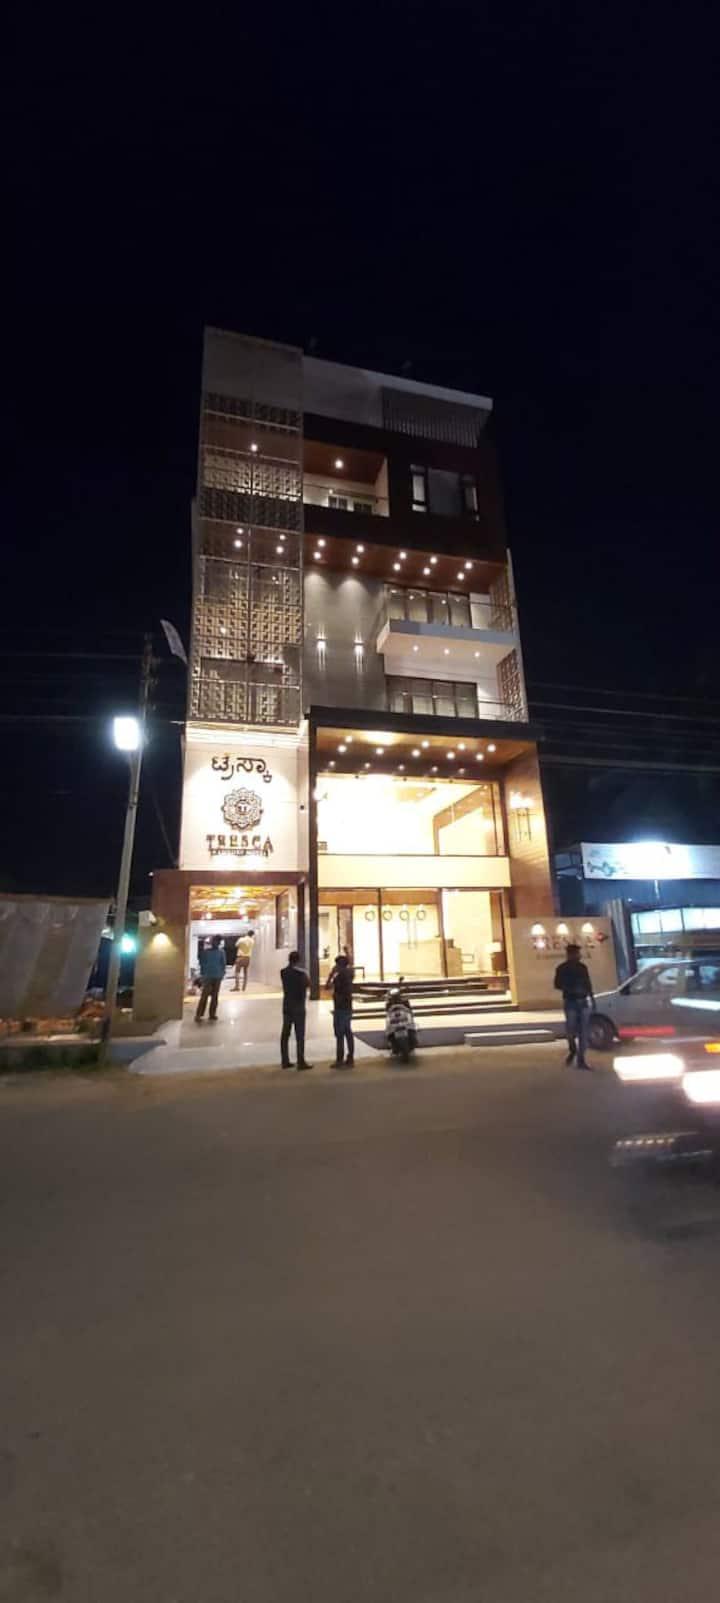 TRESCA  A LUXURY HOTEL